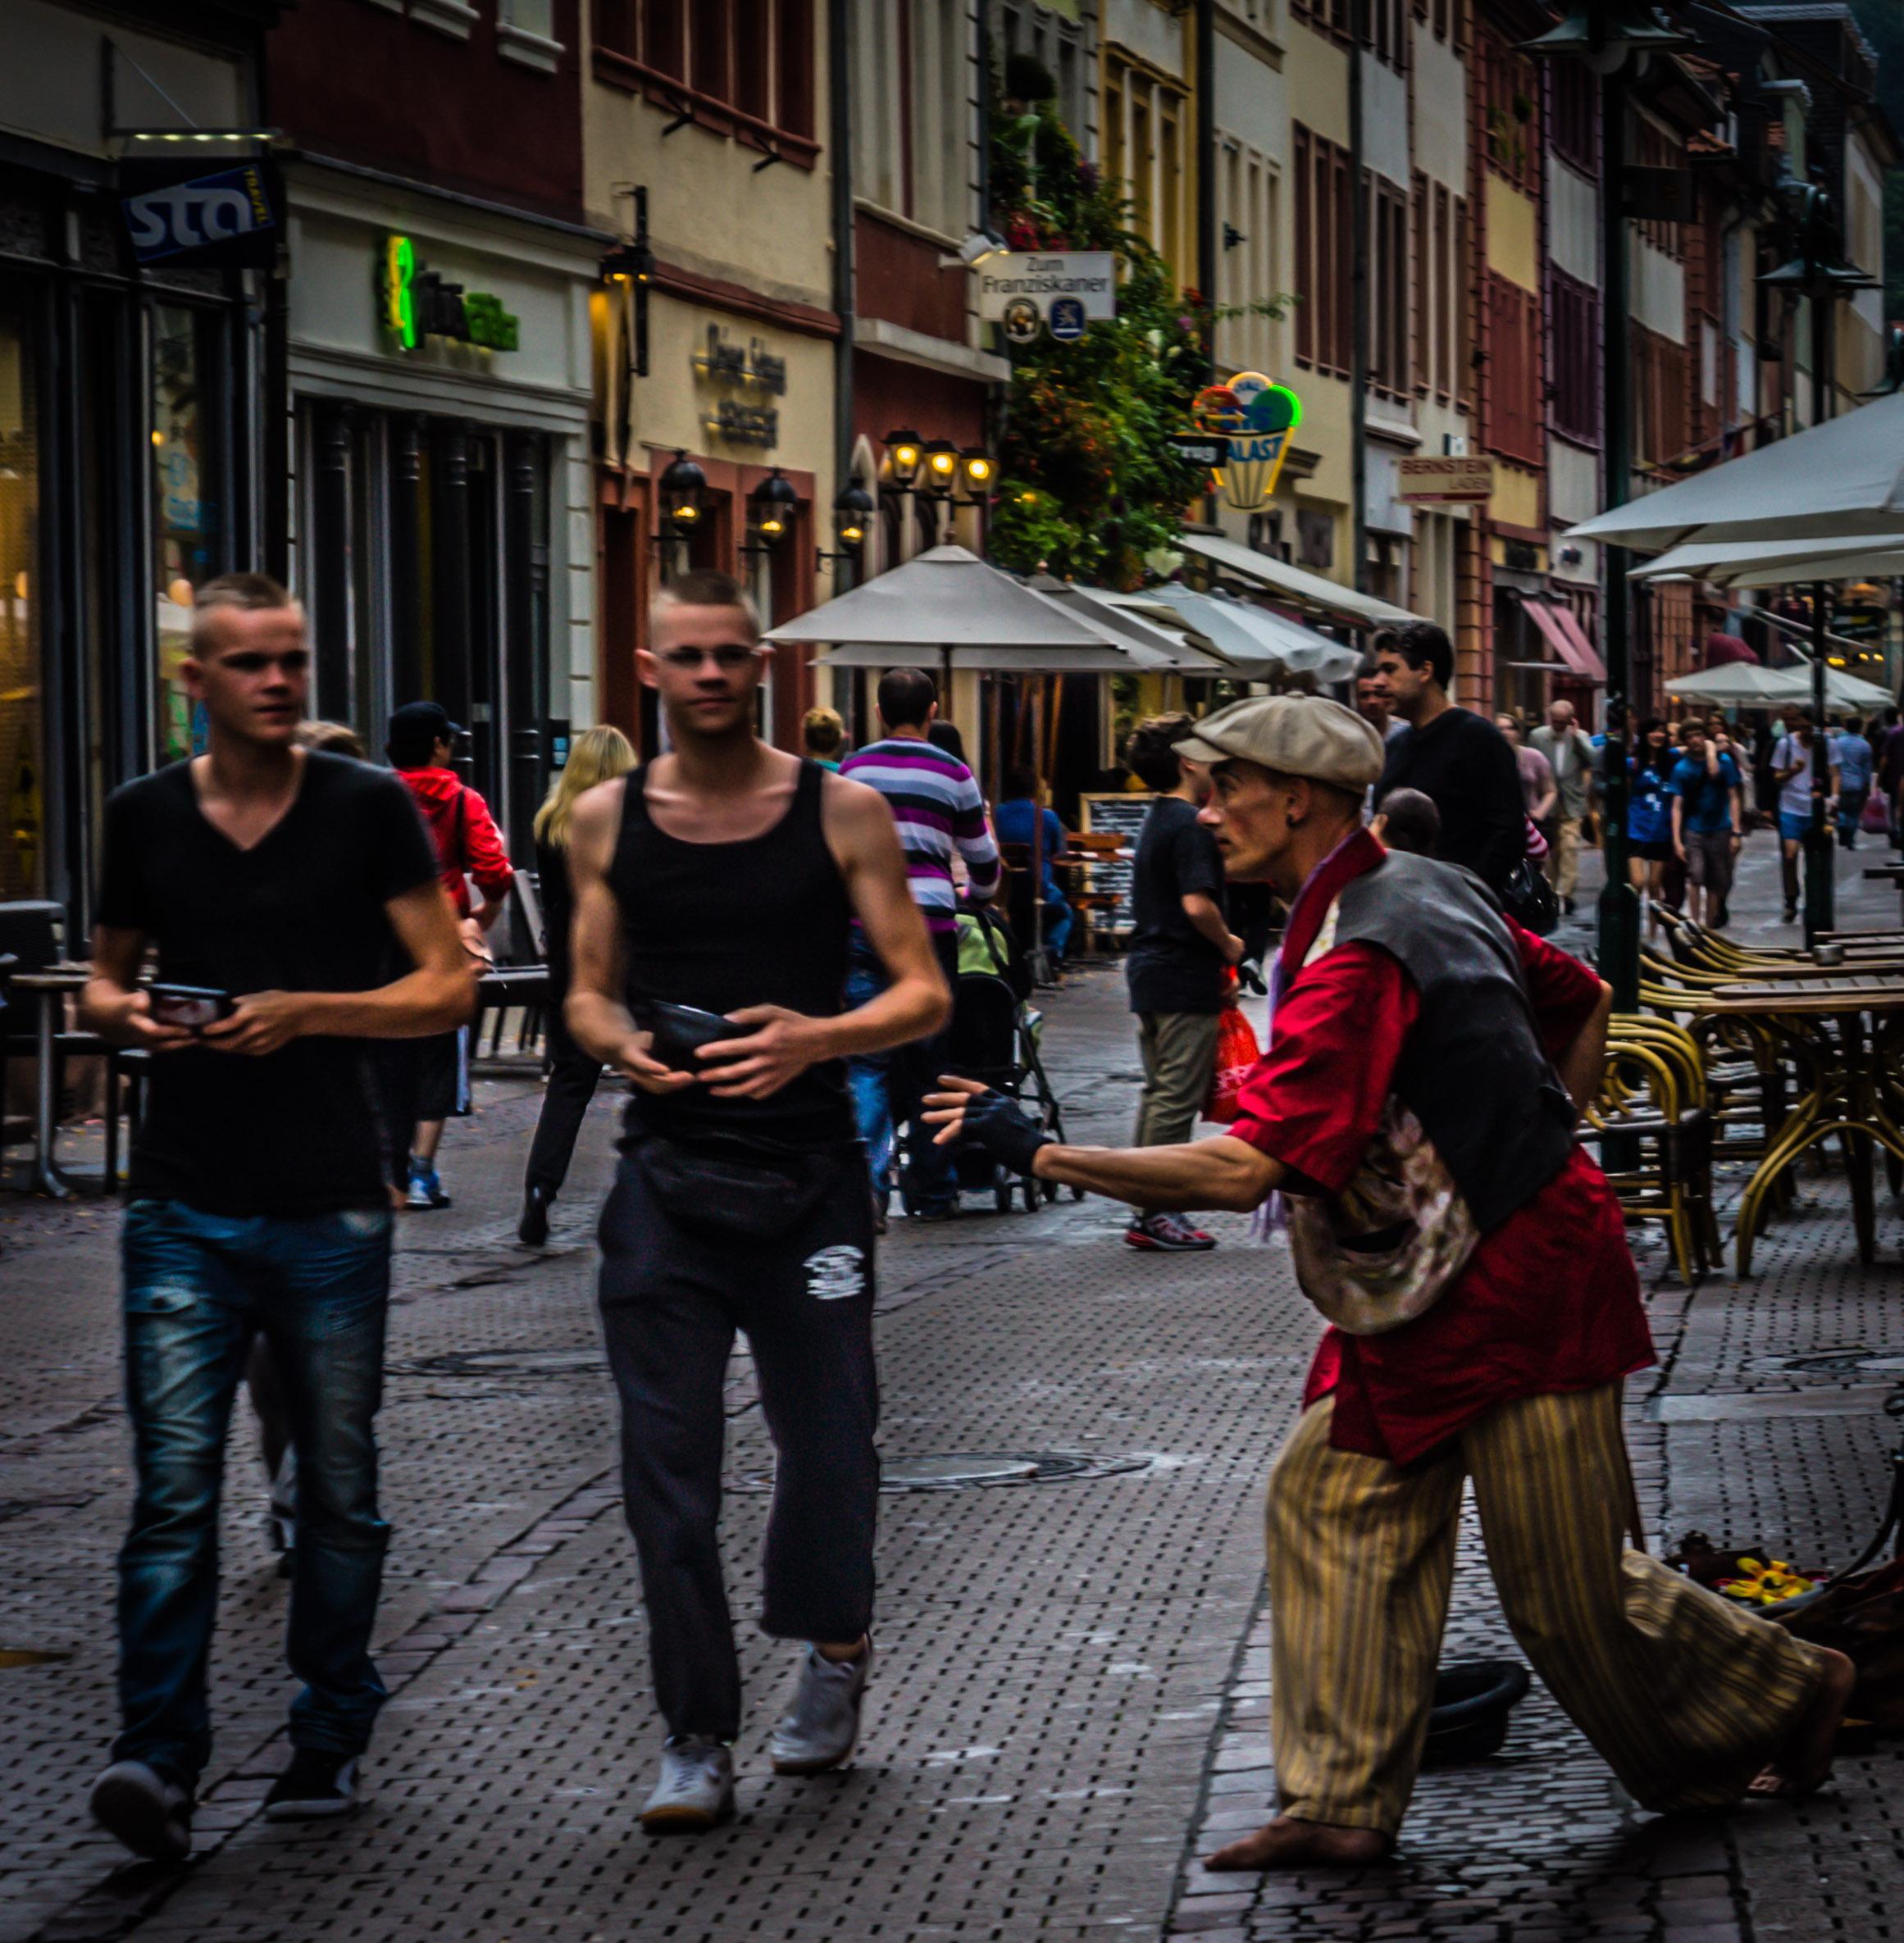 German street performer